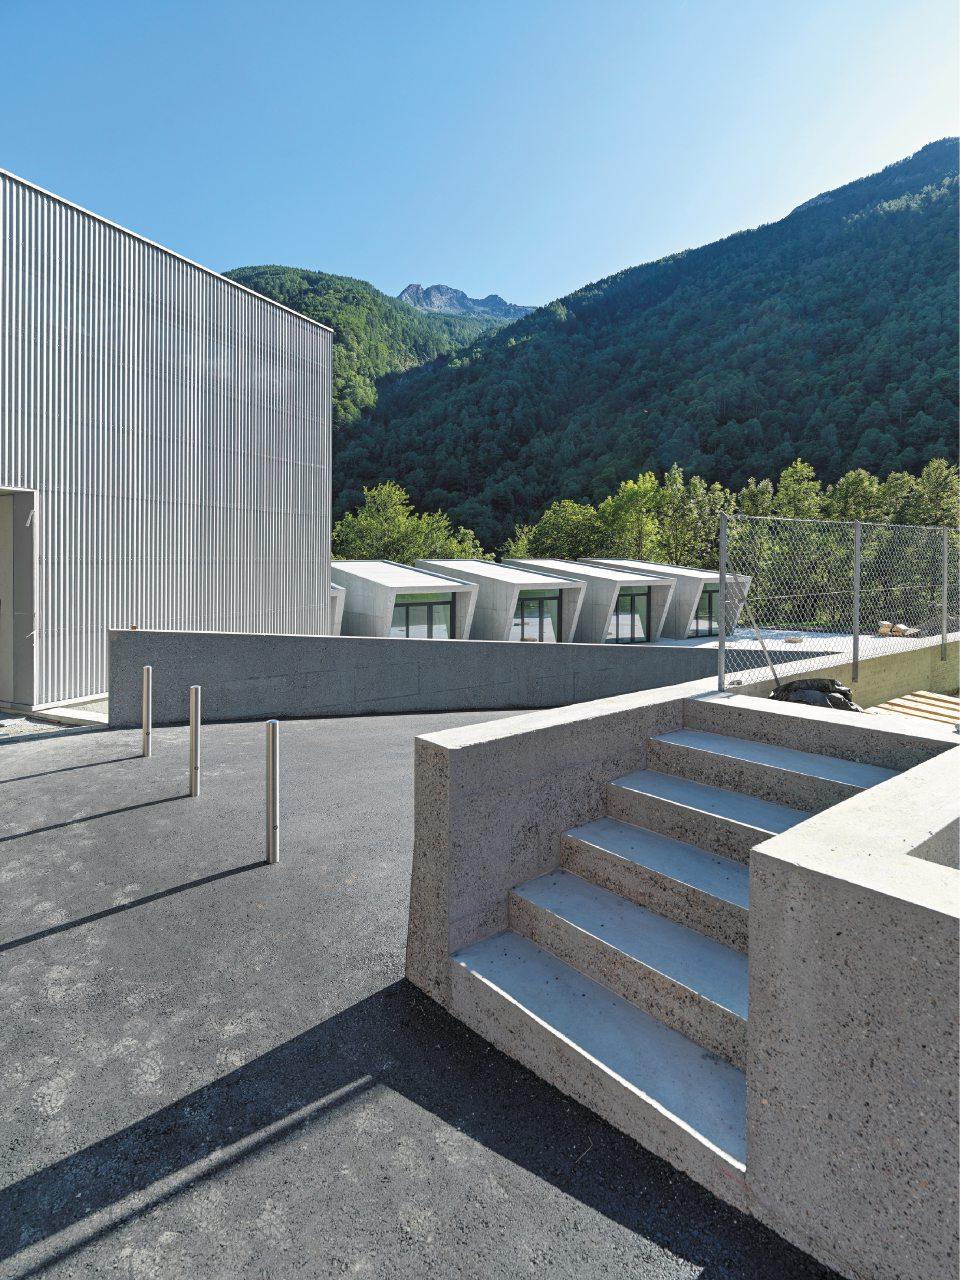 Svizzera on the road: dal Canton Ticino al Vallese, tra arte e design